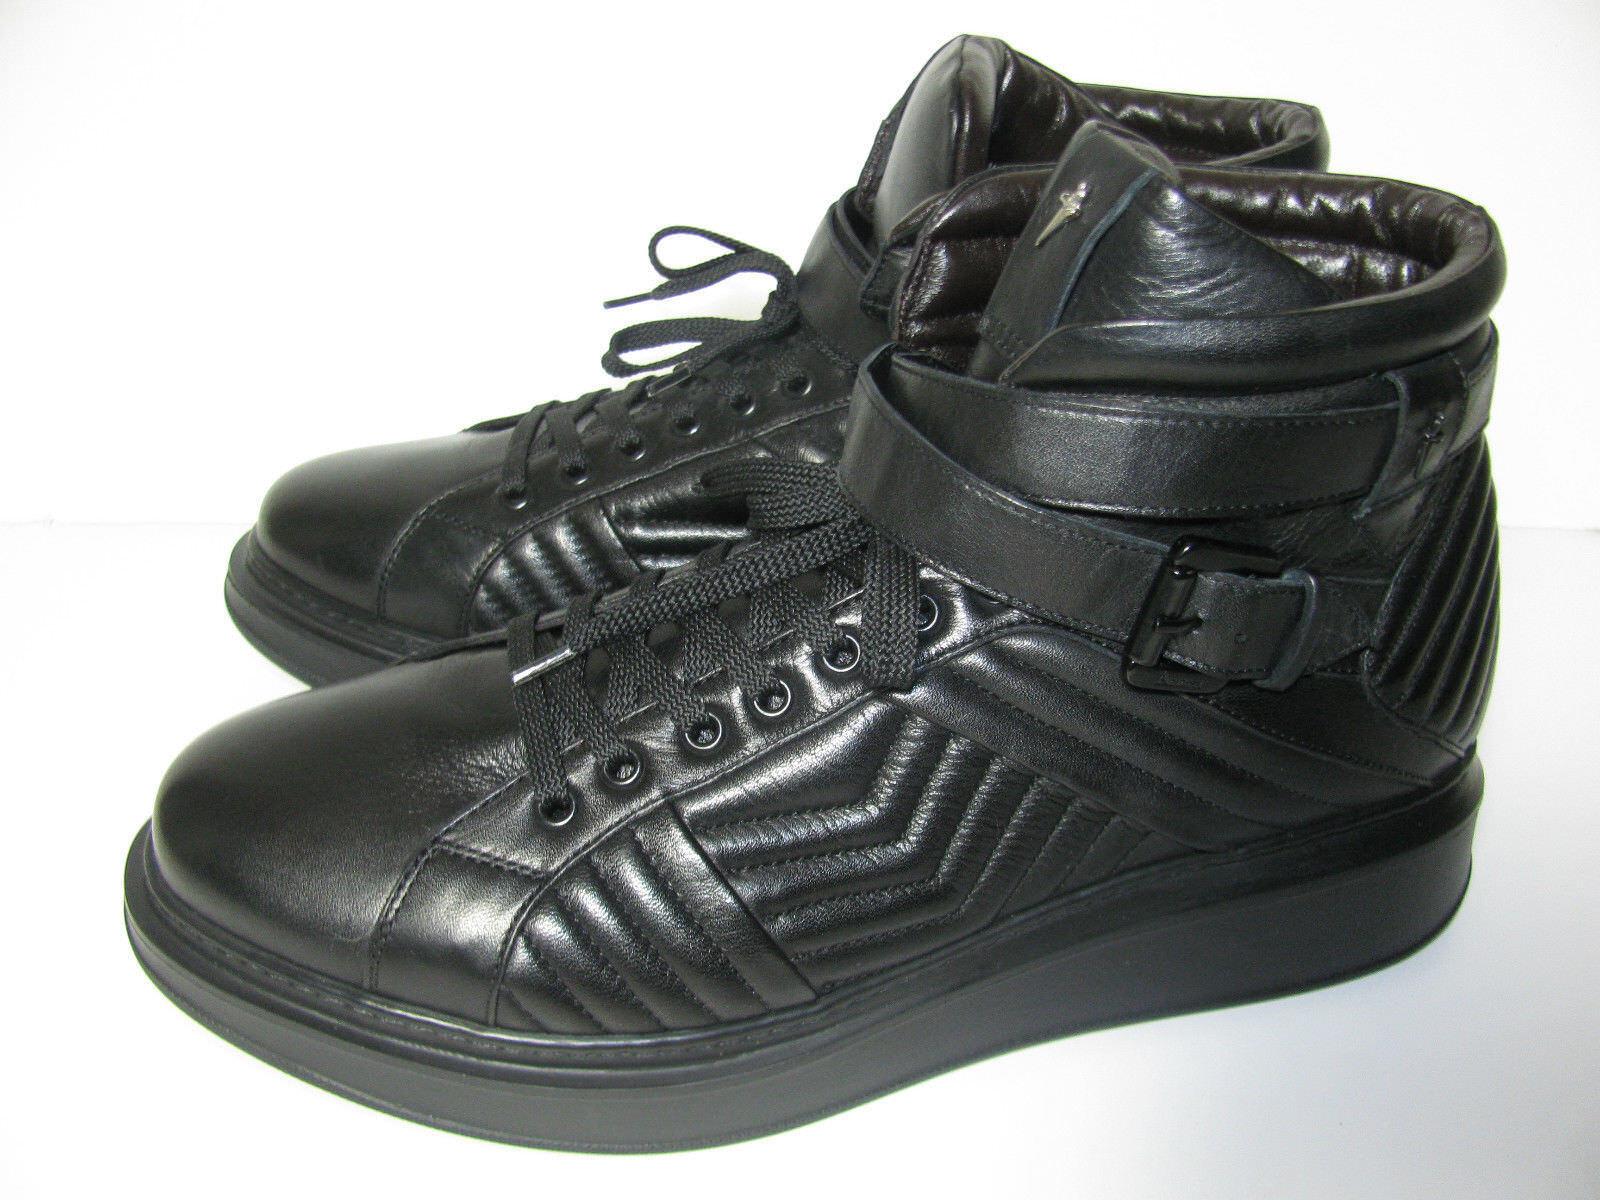 CESARE PACIOTTI Gesteppte Leder High Top Sneakers Sneakers Sneakers Stiefel Stiefel Gr.8,5/42,5 Neu c67844